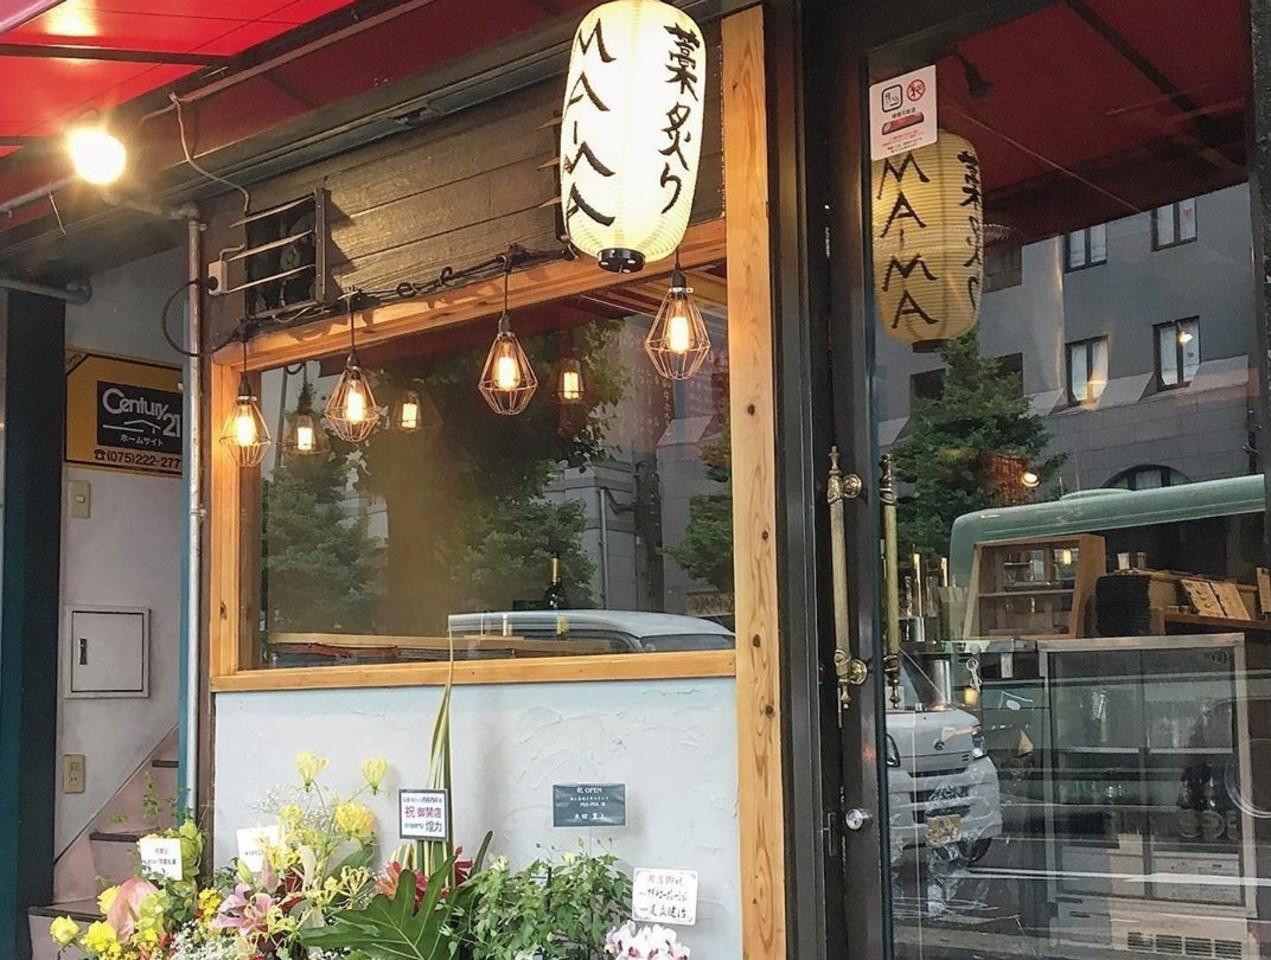 京都市上京区河原町丸太町伊勢屋町に「酒と藁炙り串スタンドMA-MA」がオープンされたようです。